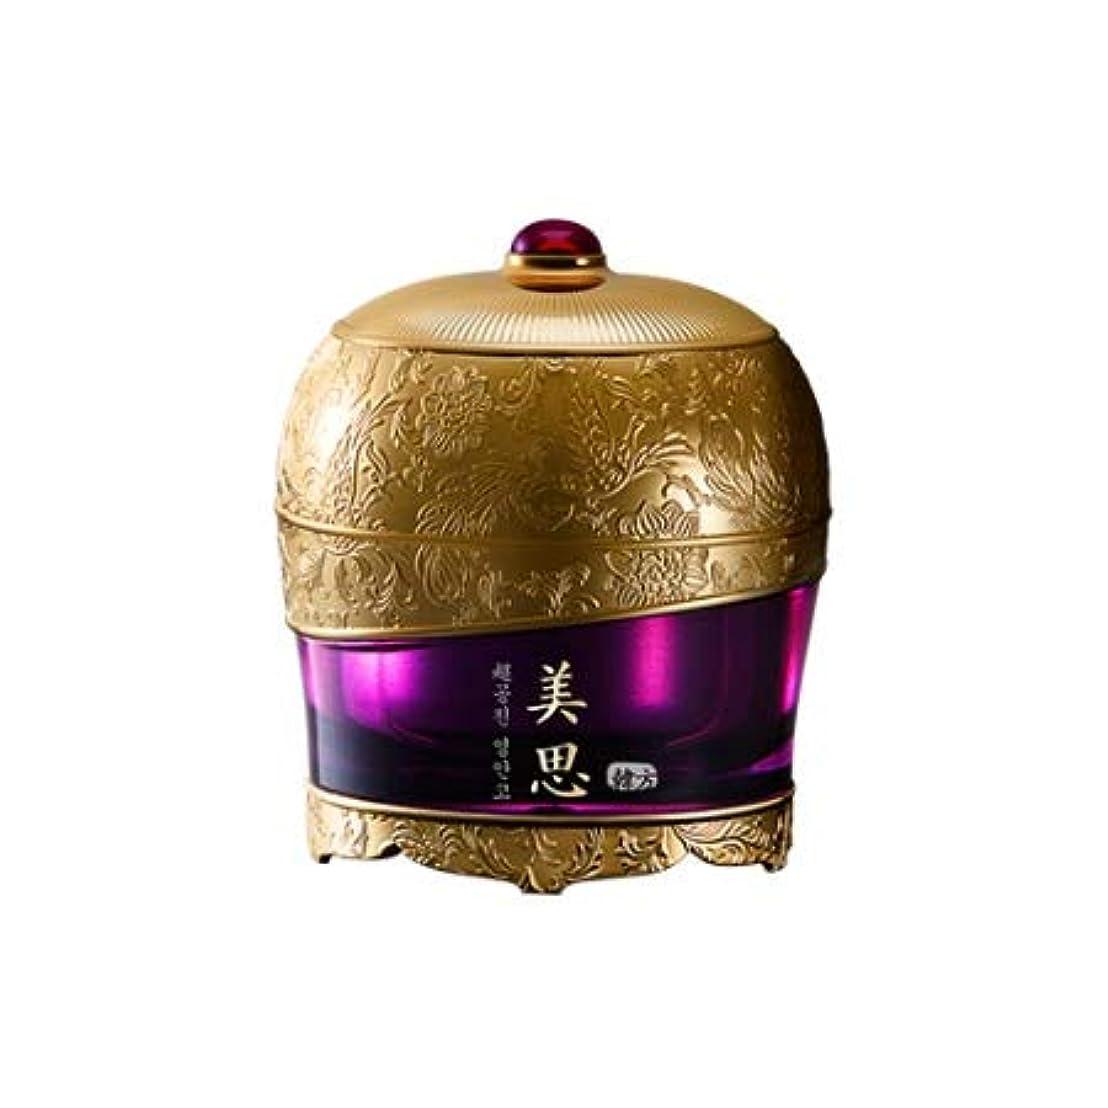 表面不一致抽出MISSHA Chogongjin Premium cream ミシャ美思超拱辰(チョゴンジン) 永安膏 クリーム クリーム 60ml [並行輸入品]